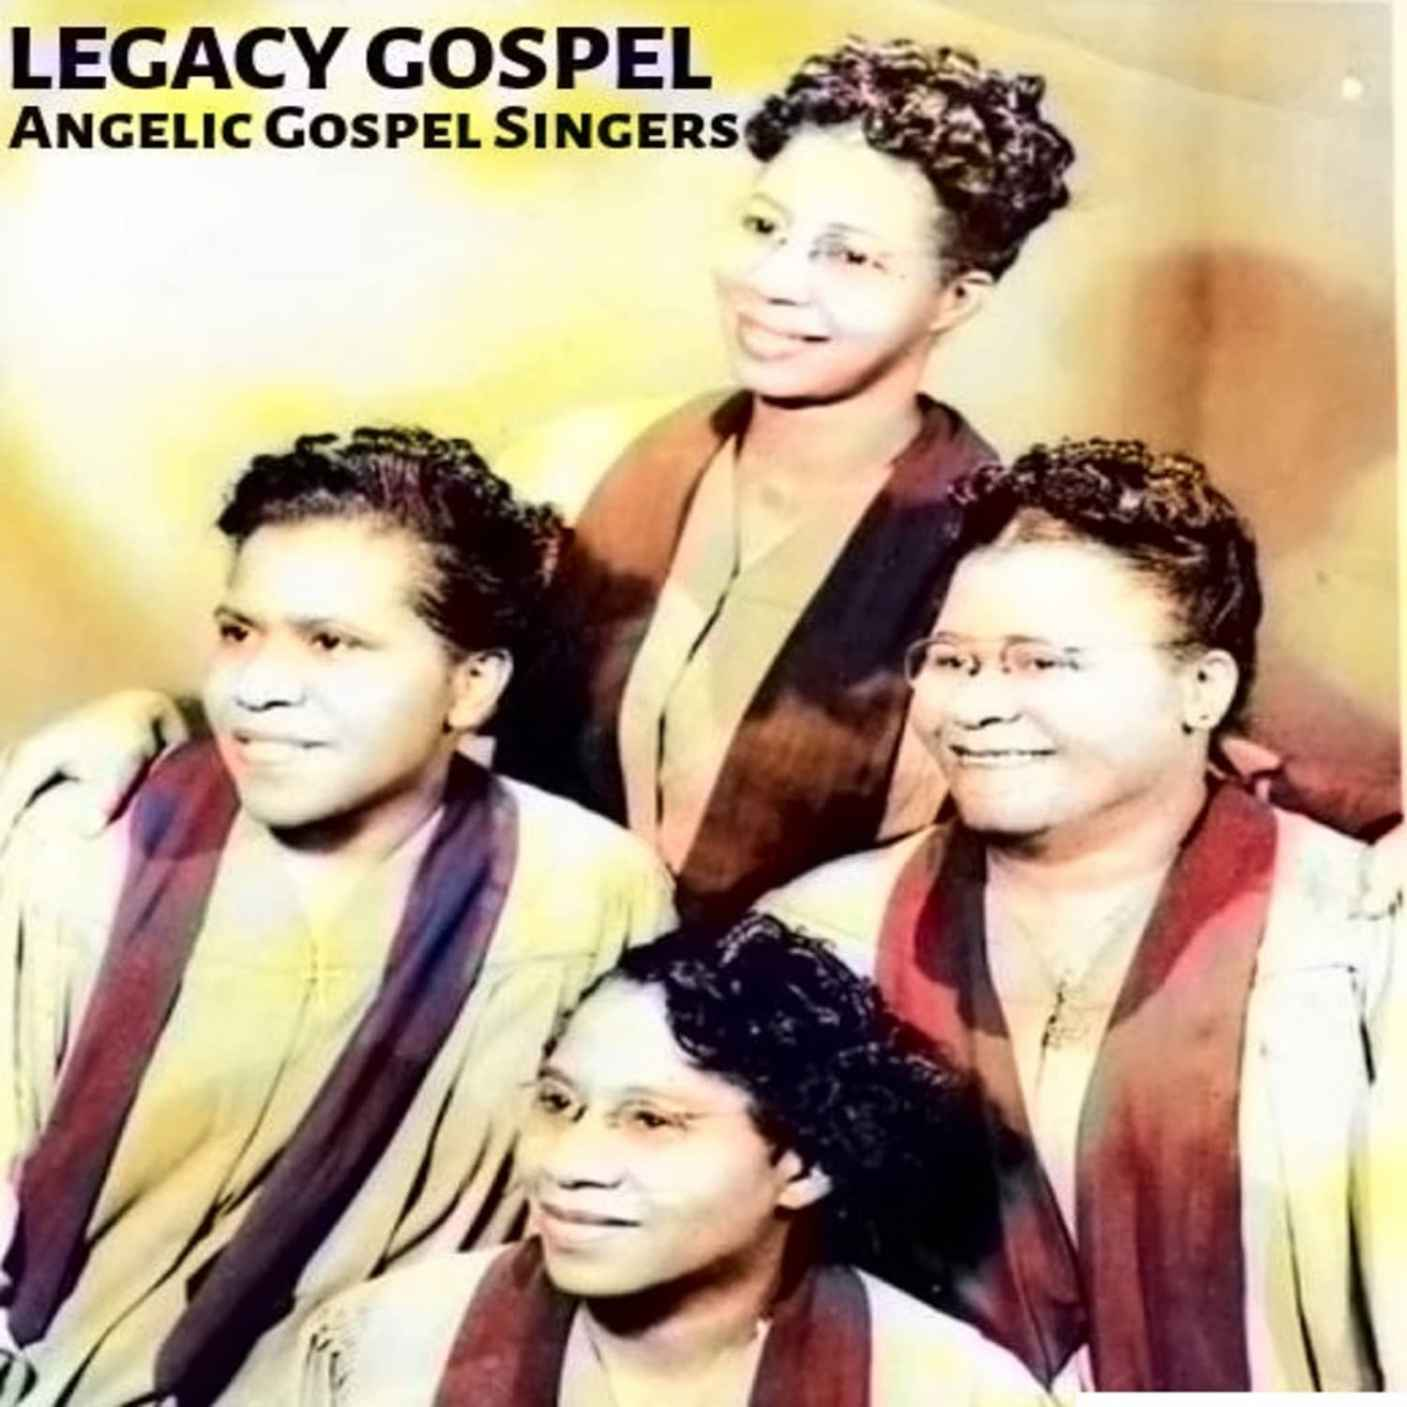 The Angelic Gospel Singers